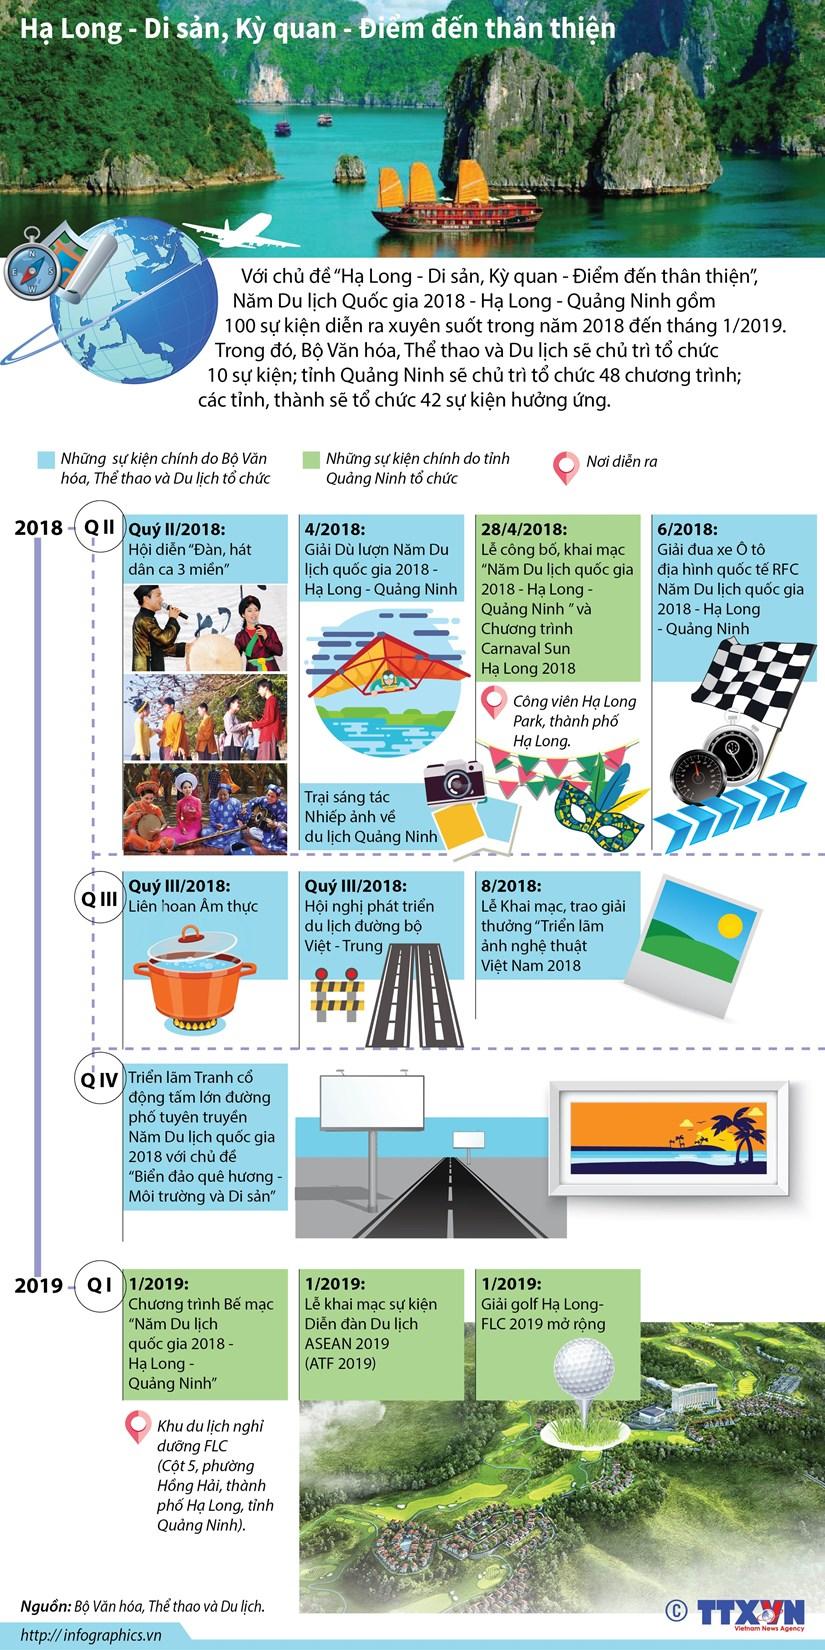 [Infographics] 100 su kien xuyen suot tai Di san Ha Long hinh anh 1